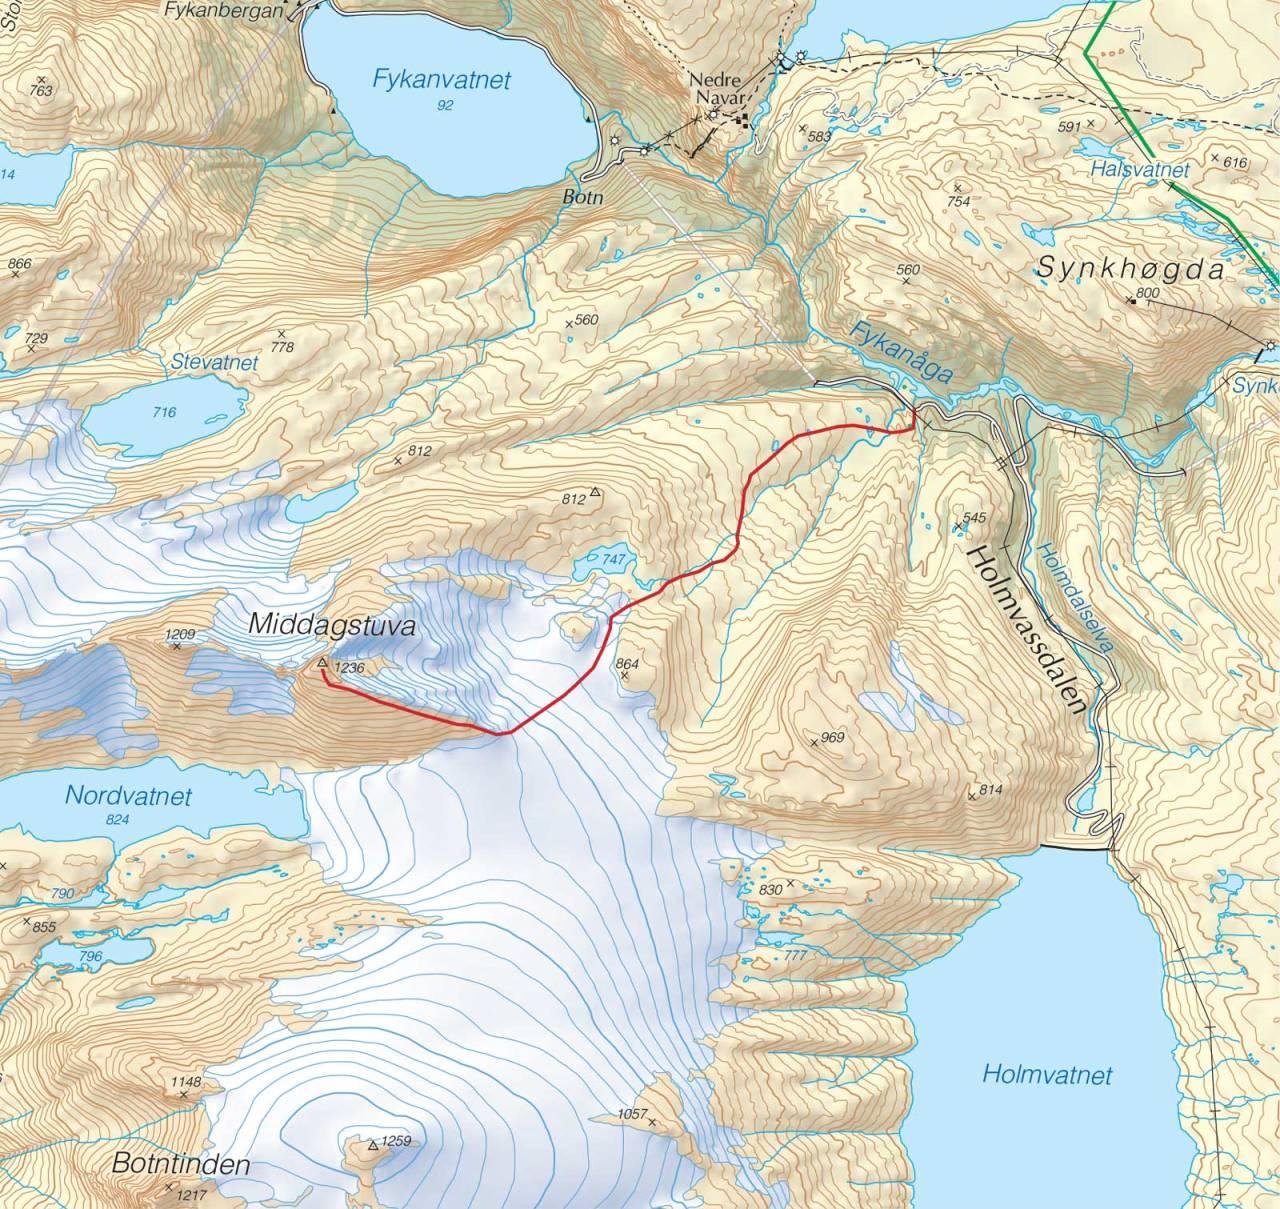 Kart over Middagstuva med inntegnet rute. Fra Trygge toppturer.